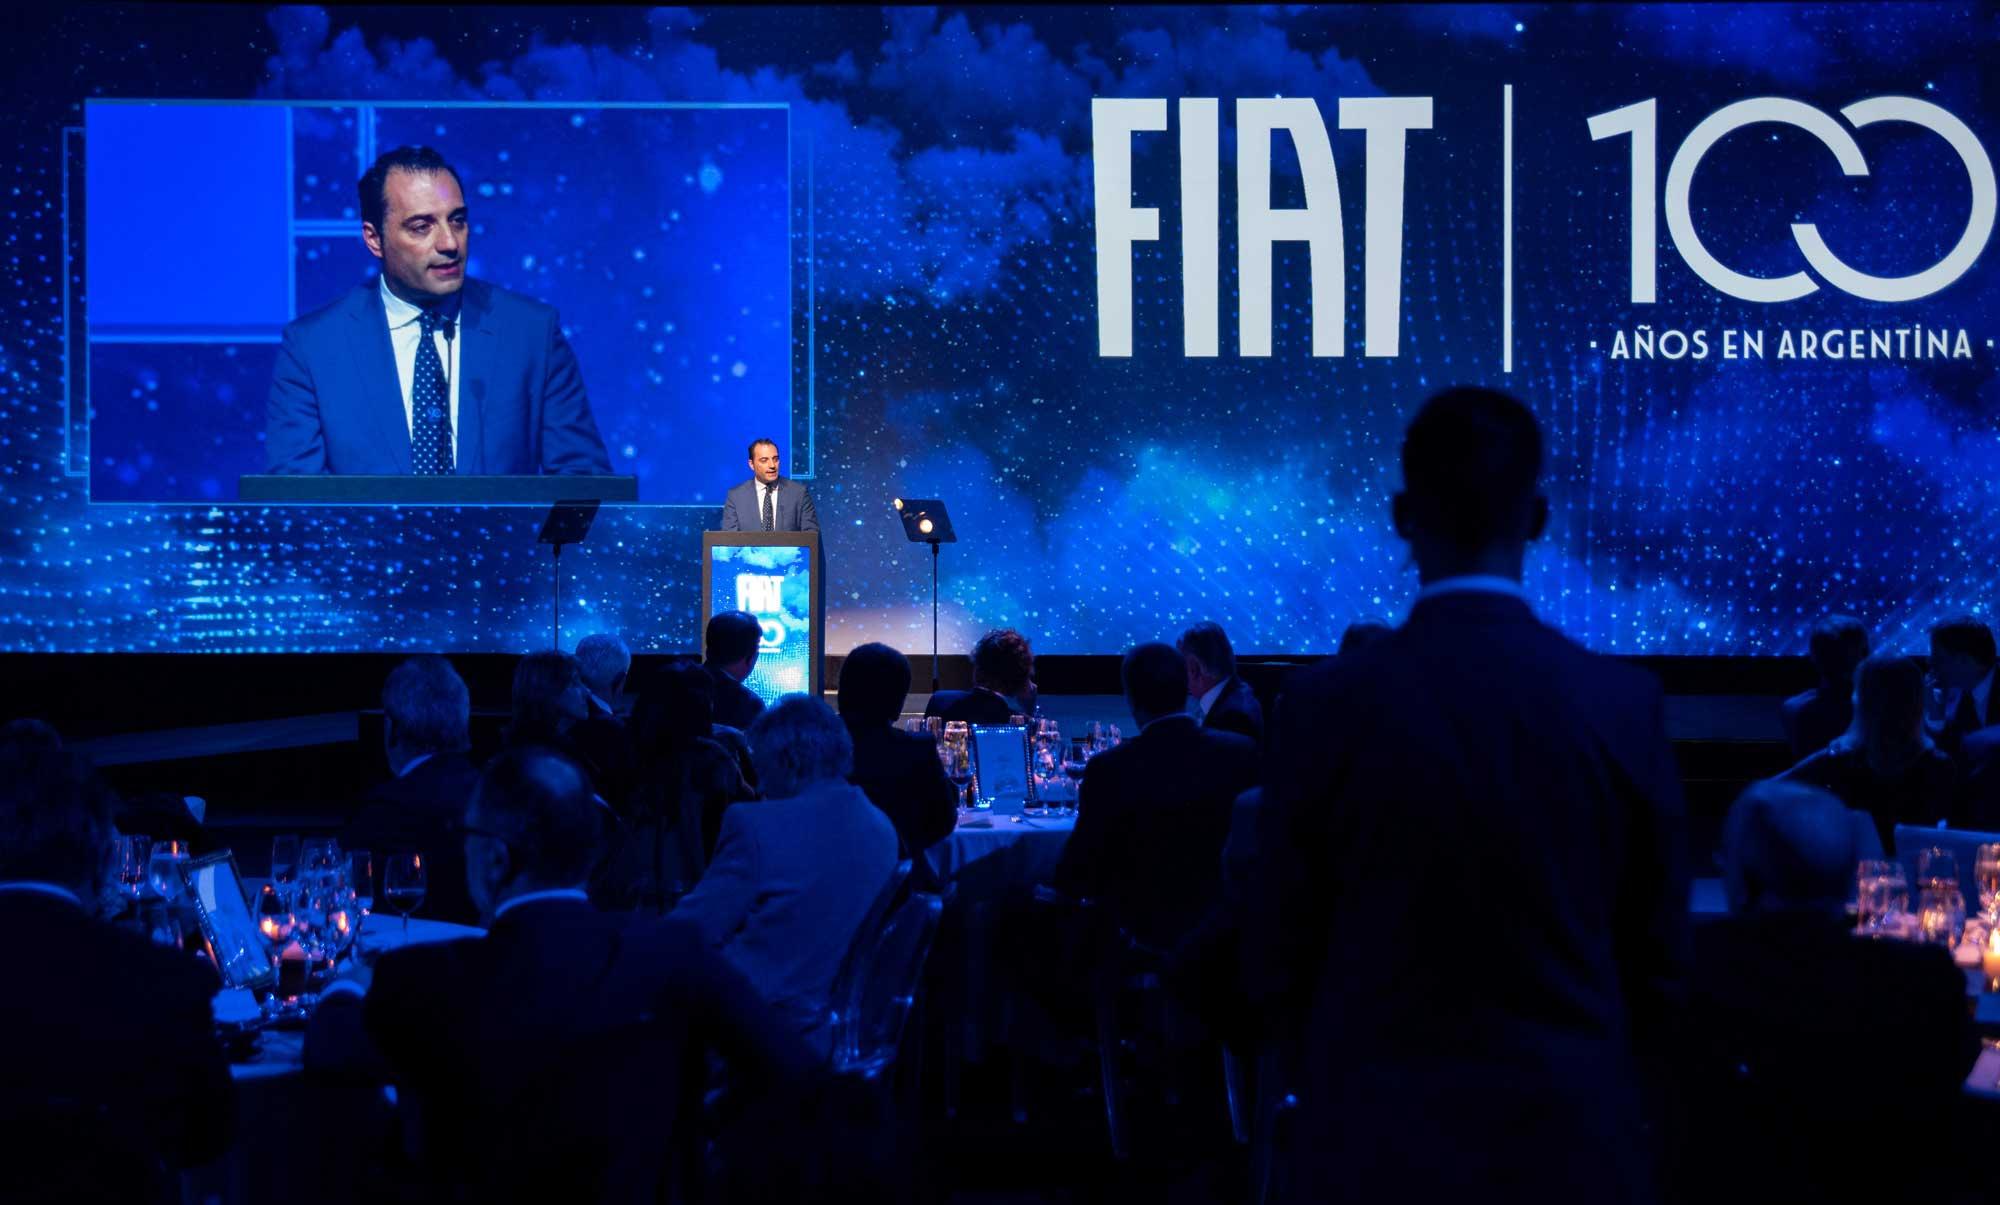 100 anos de Fiat na Argentina